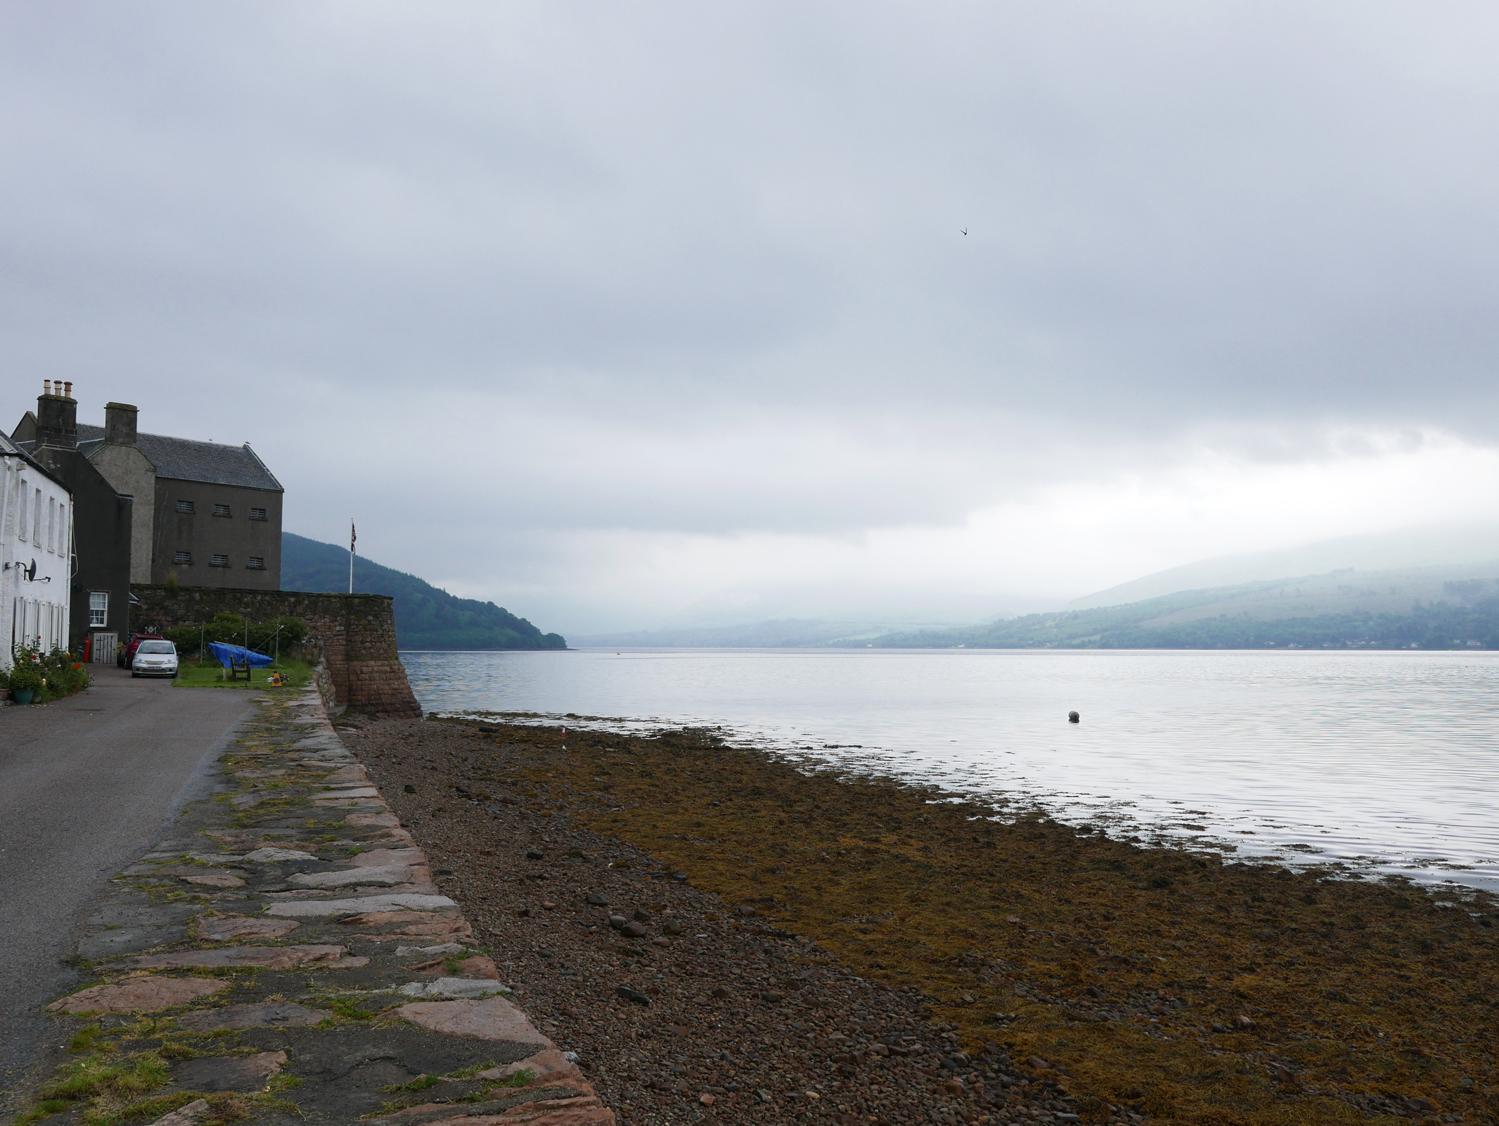 Loch Fyne